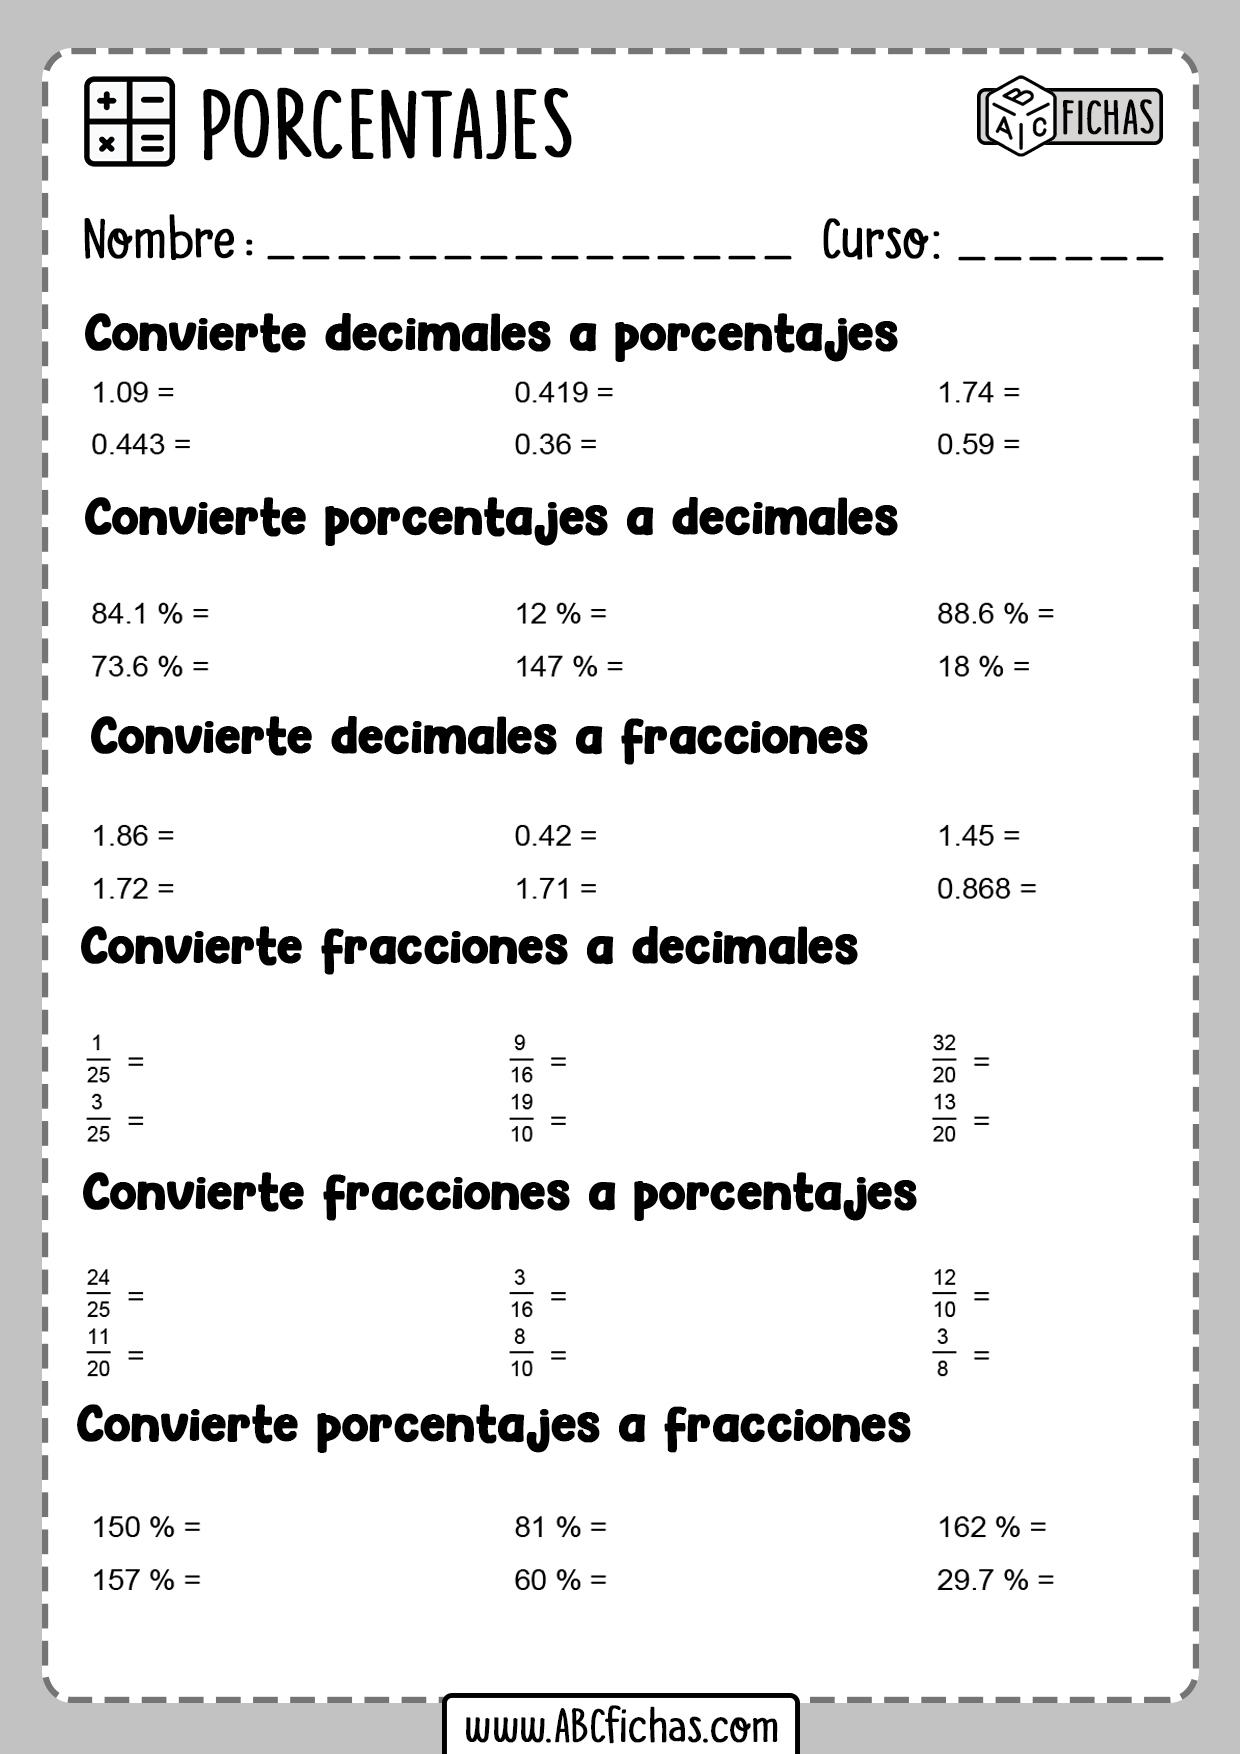 Ejercicios de fracciones porcentajes y decimales para resolver